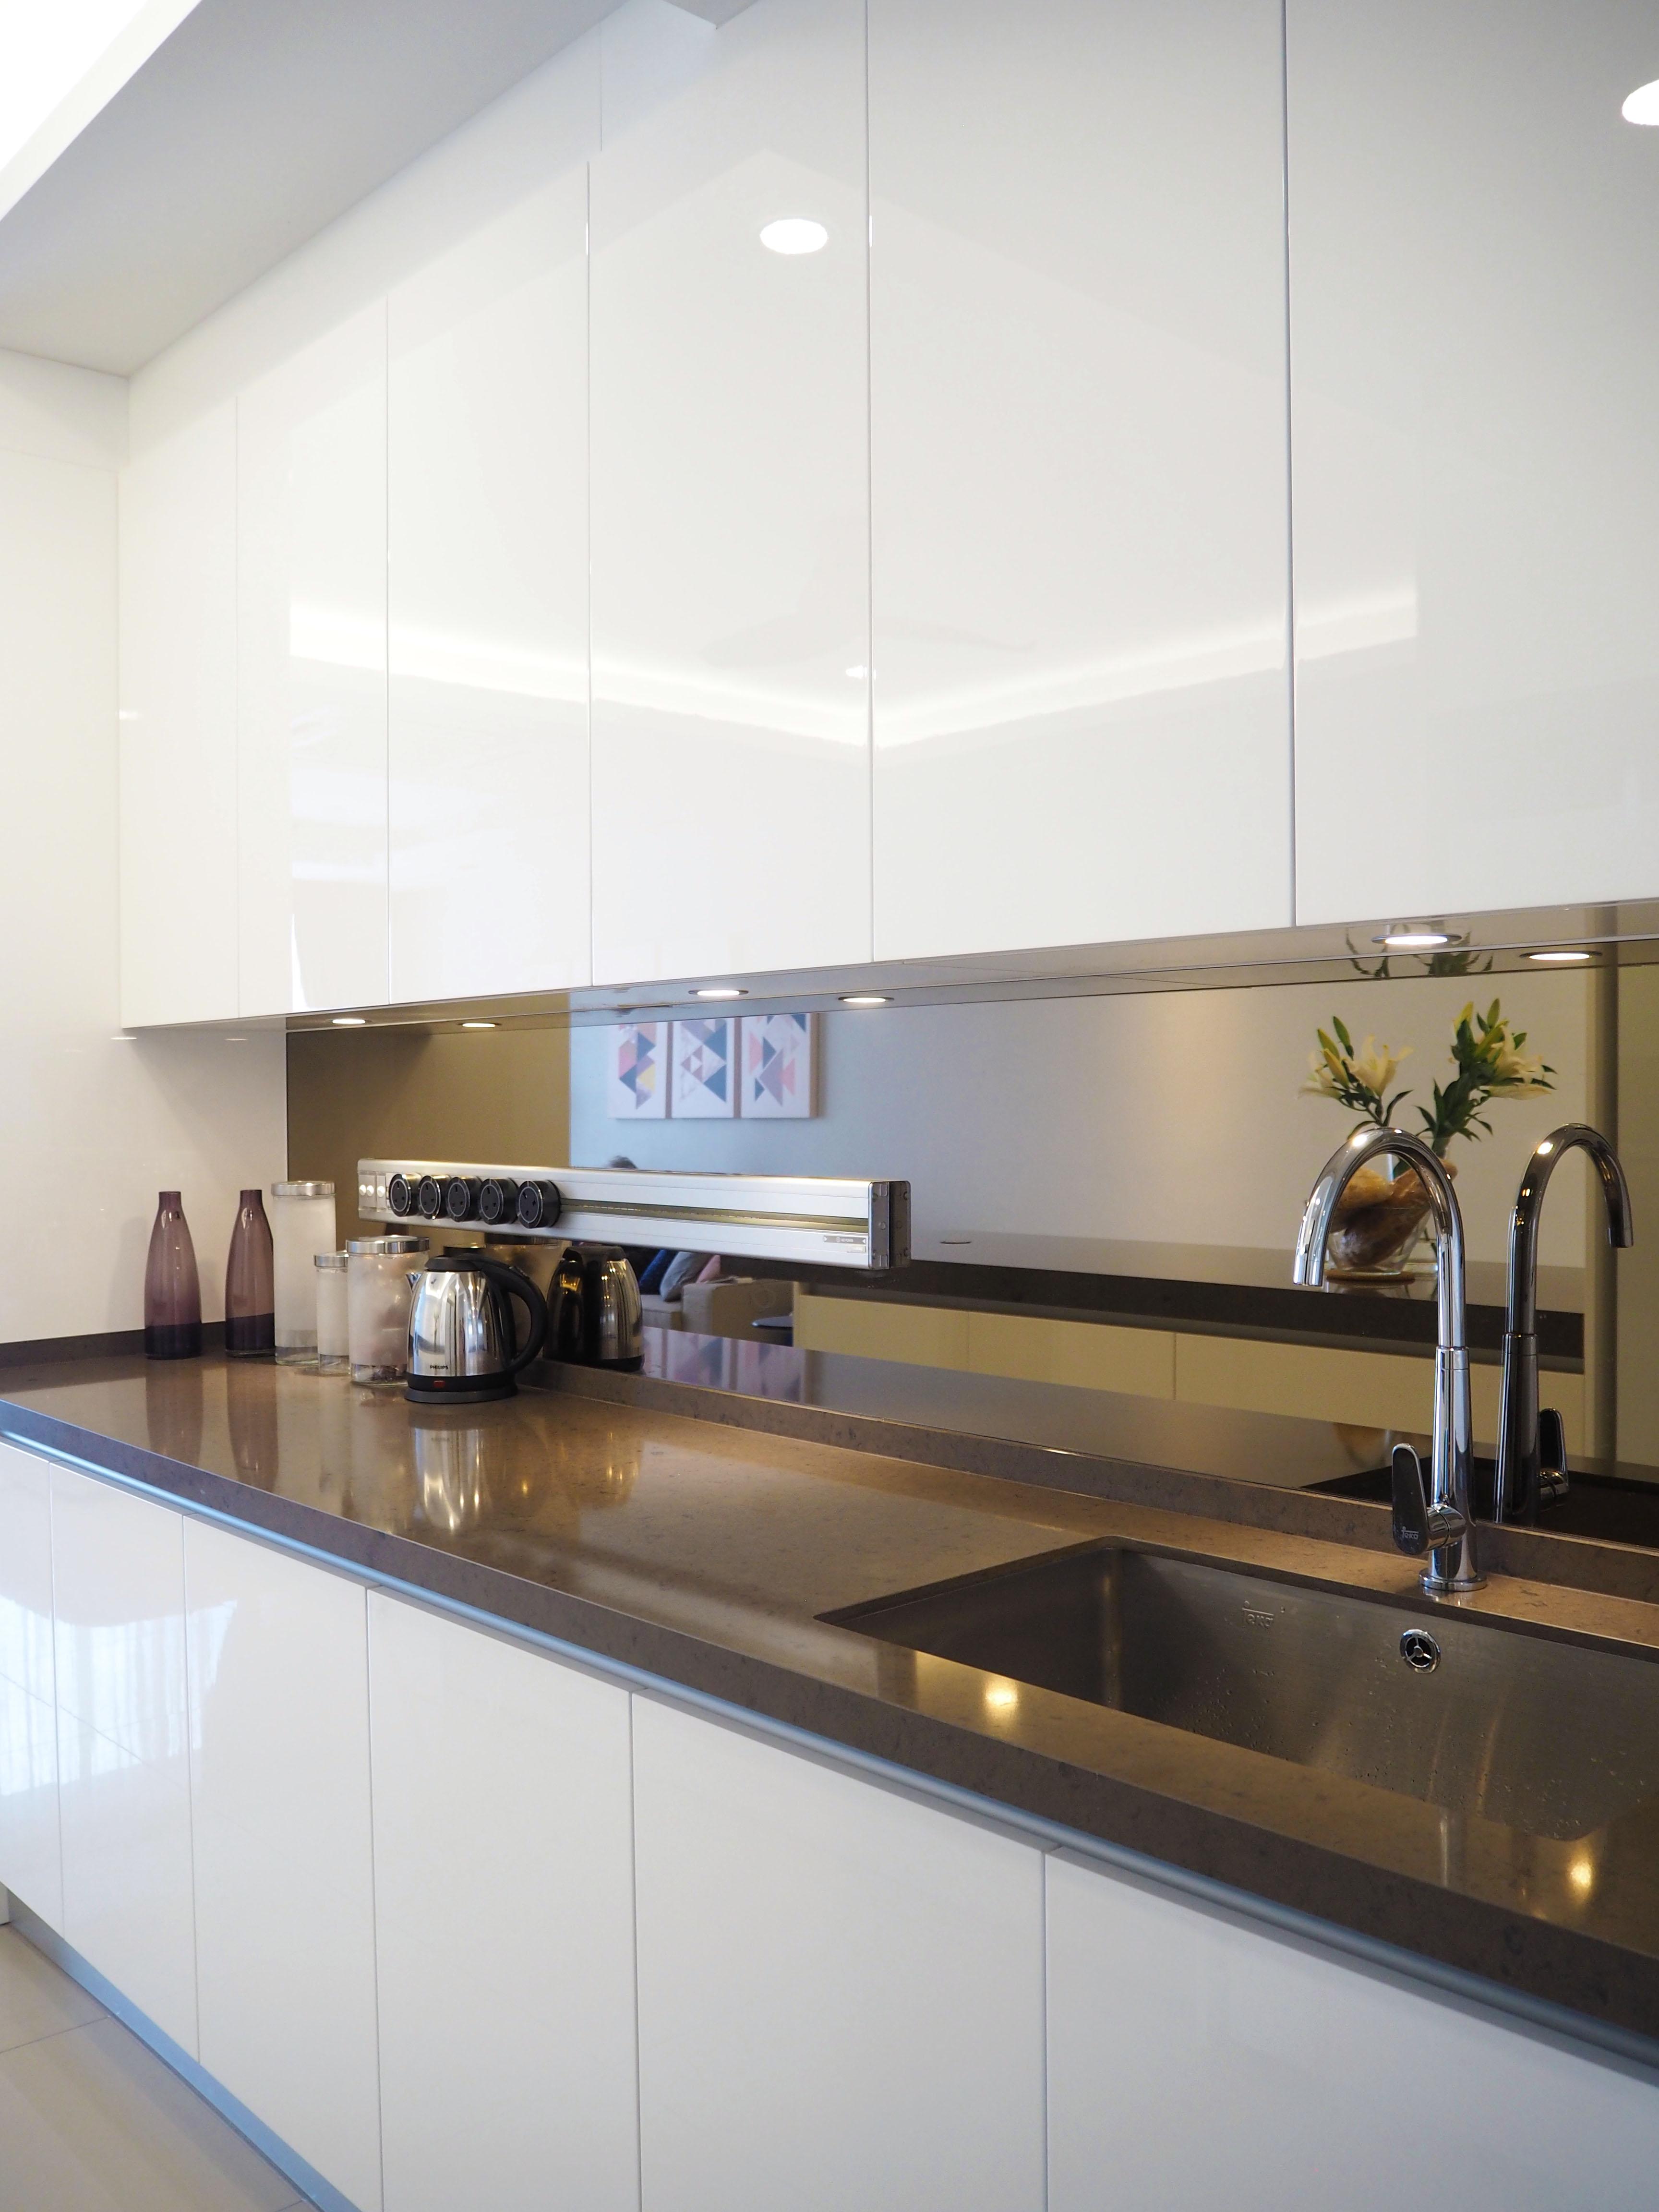 Sleek high gloss kitchen